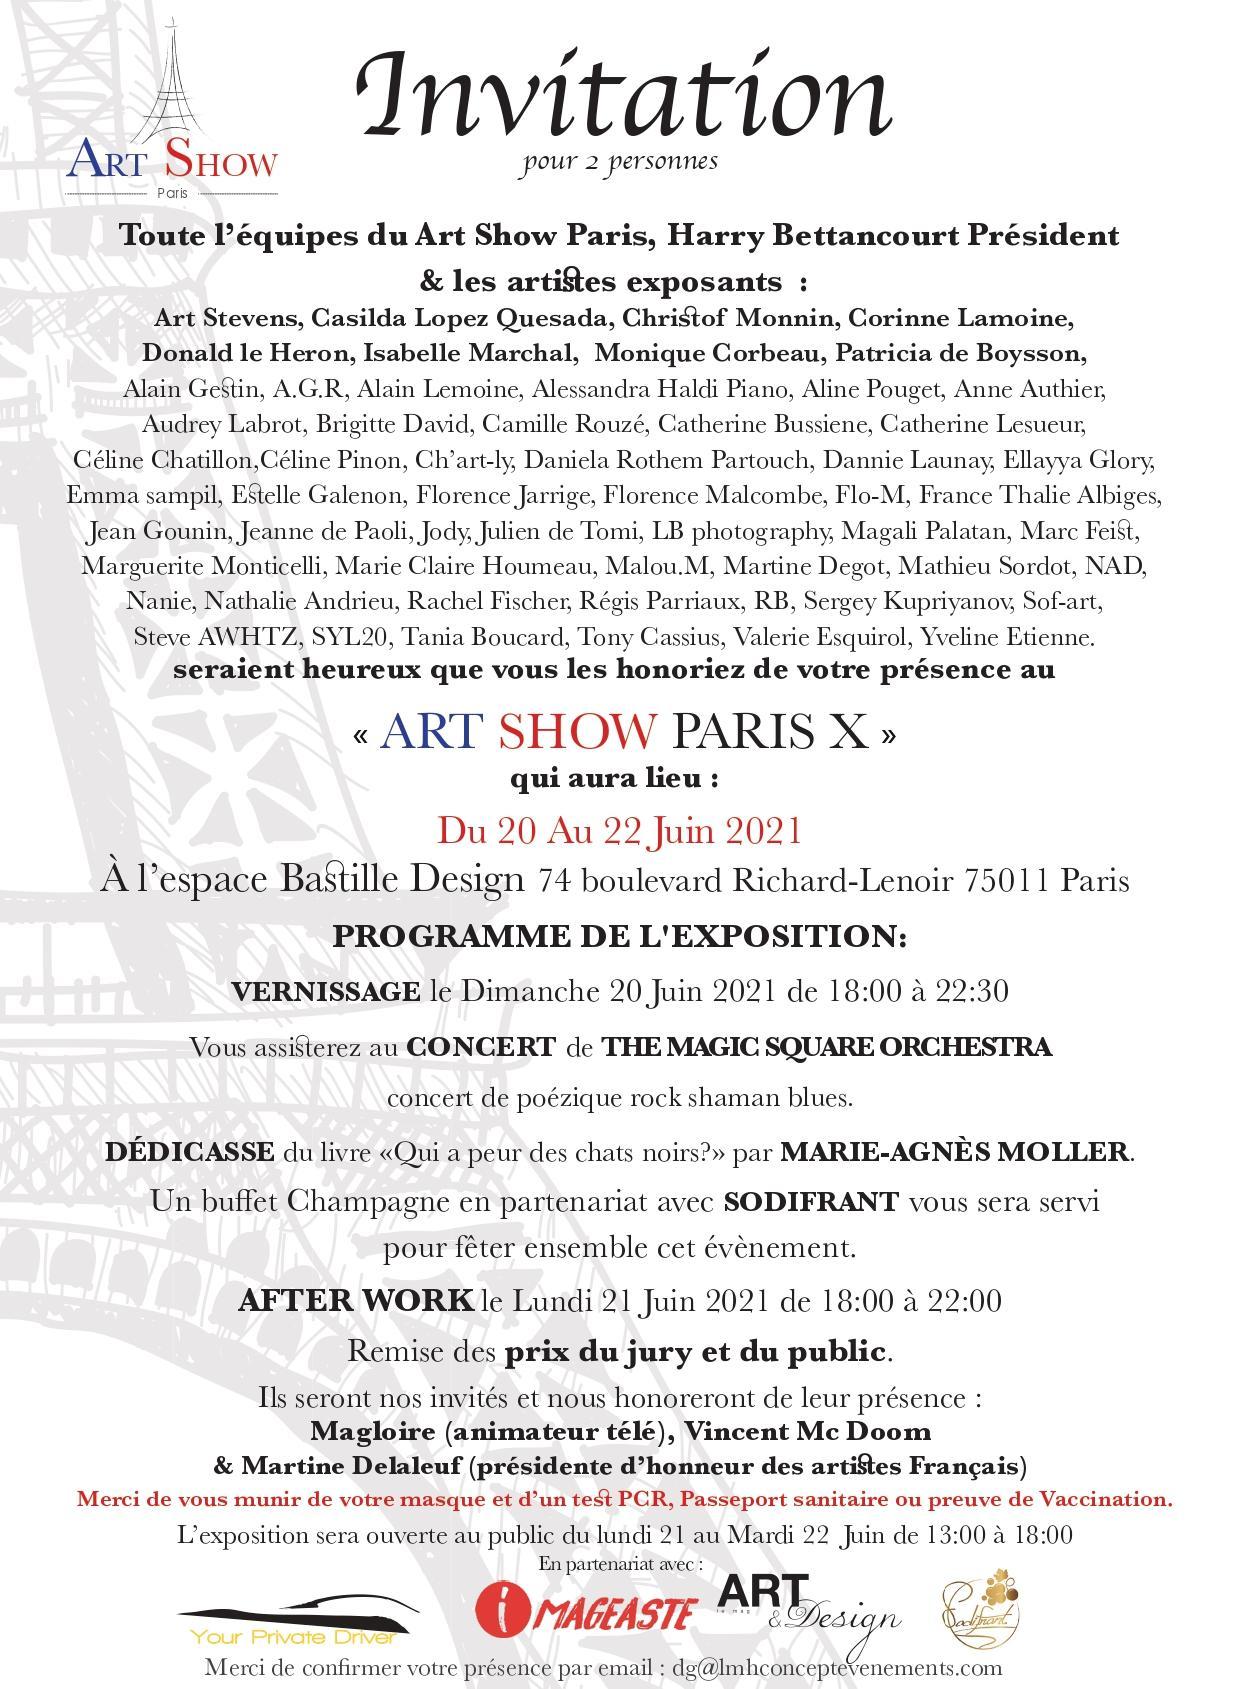 Invitation art show paris x page 0001